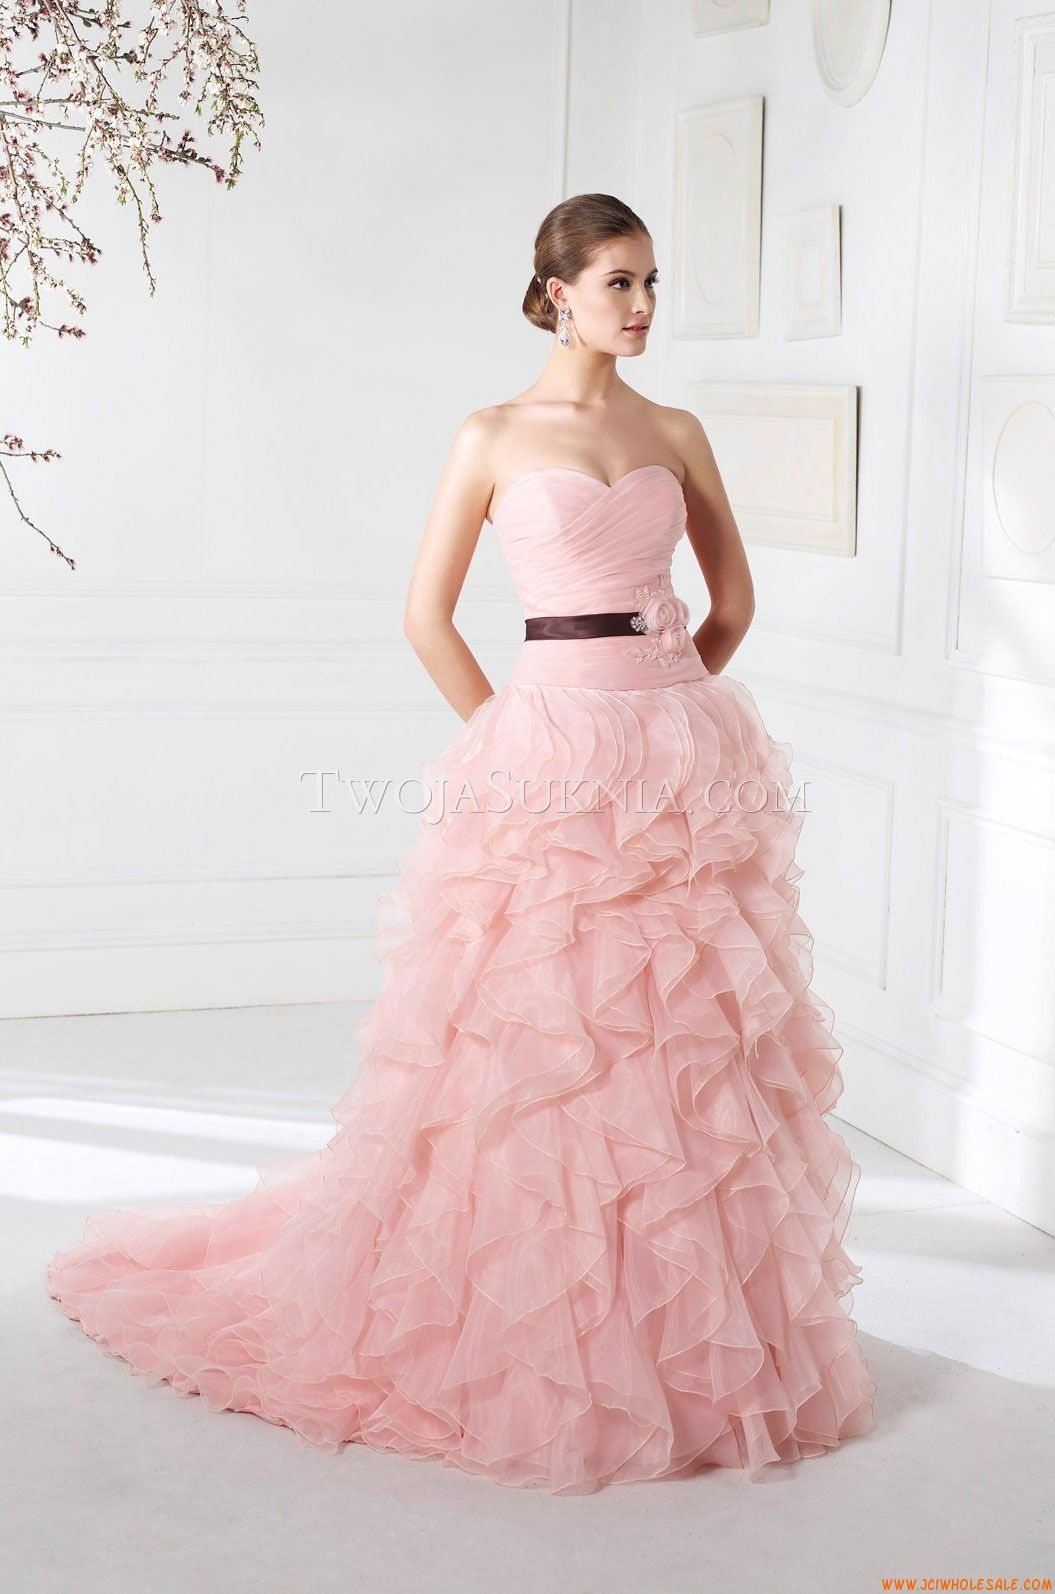 Dorable Vestidos De Dama J Aton Modelo - Colección de Vestidos de ...